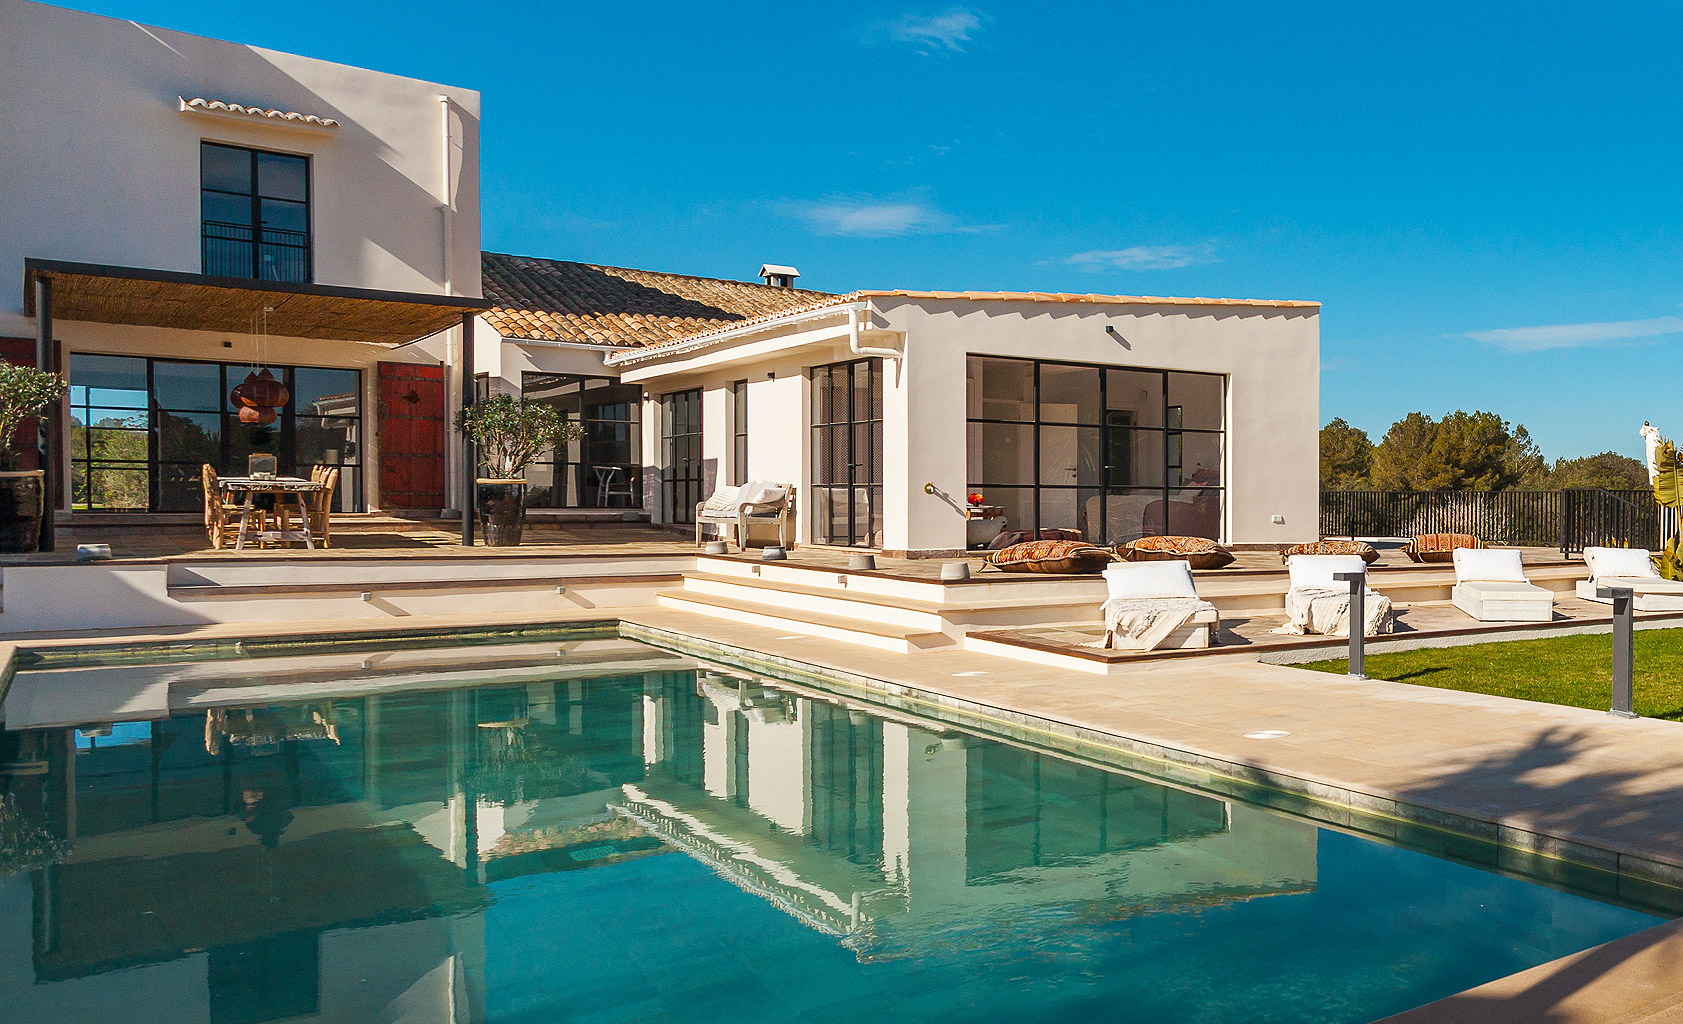 Испания цены на недвижимость 2017 год